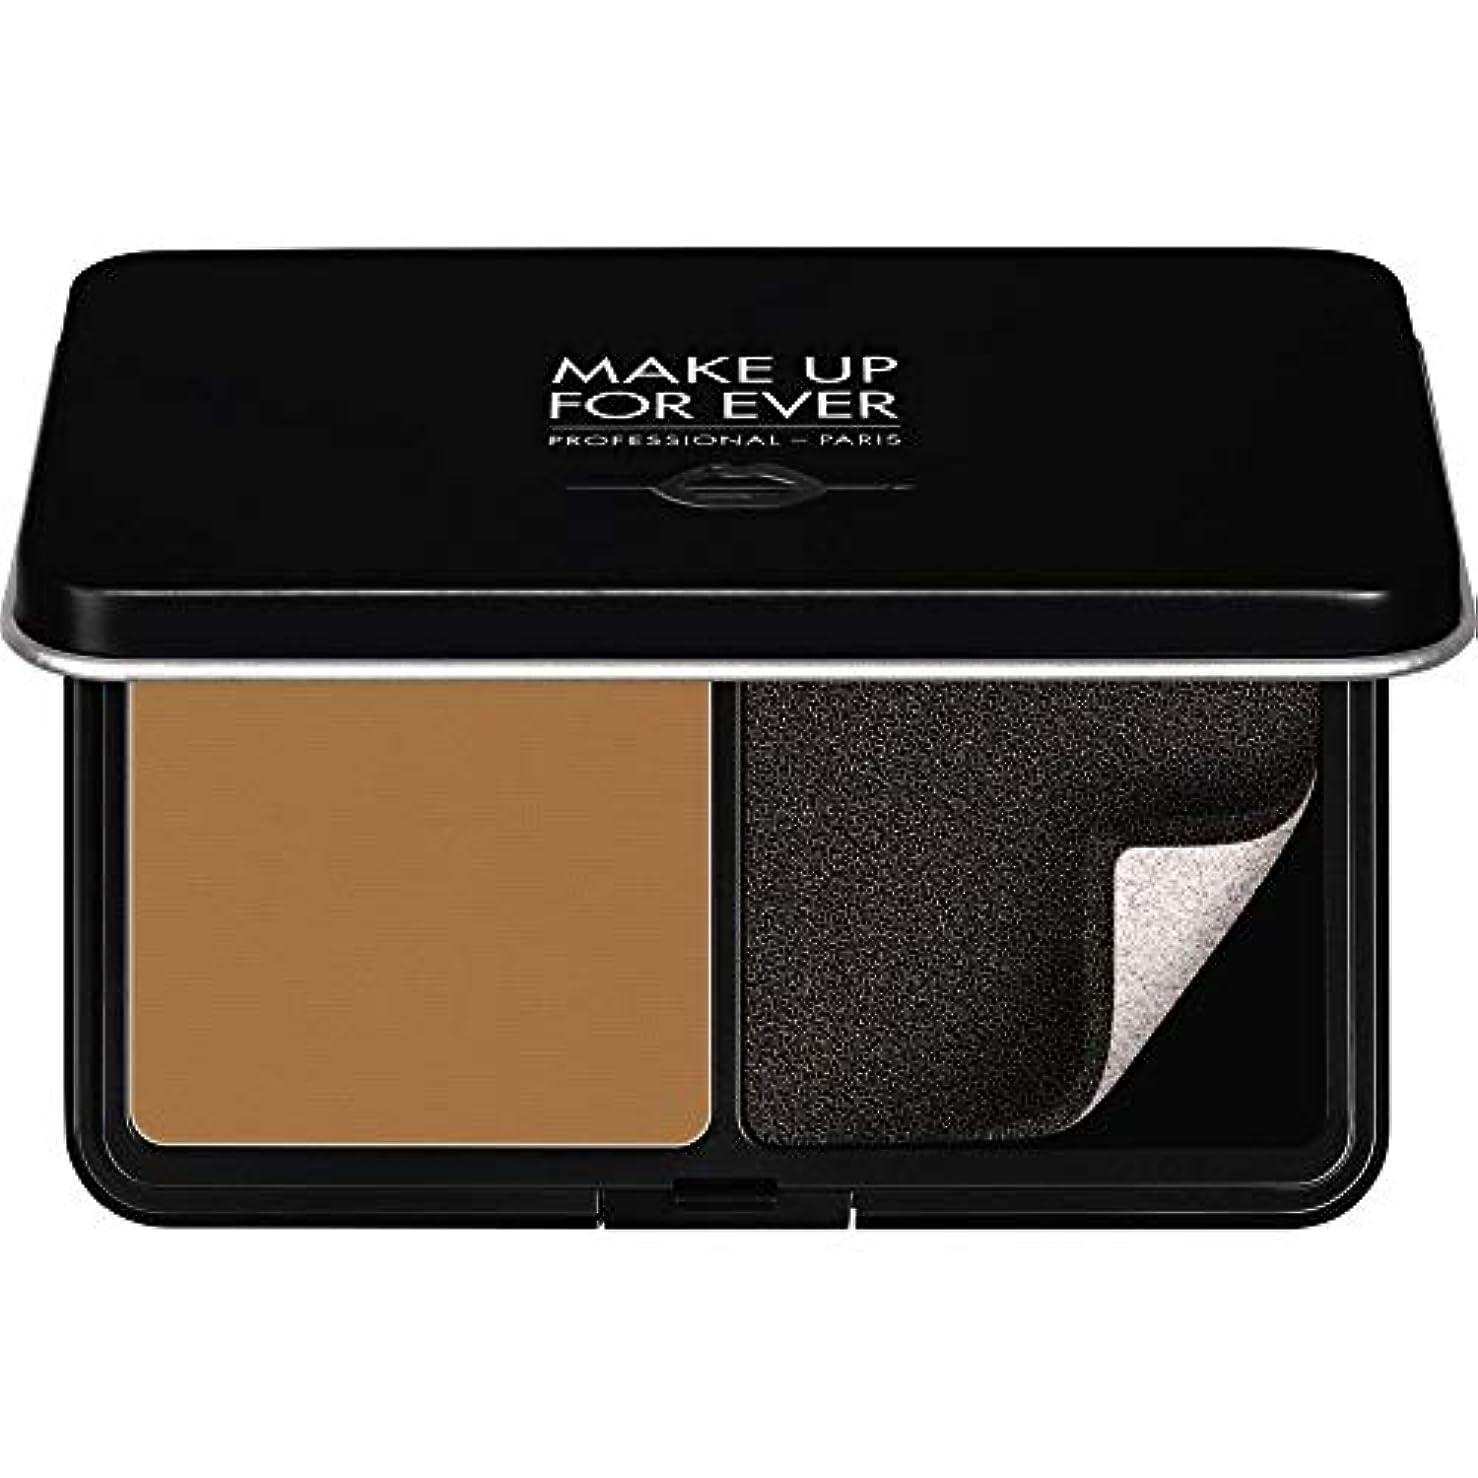 発見機会金額[MAKE UP FOR EVER] パウダーファンデーション11GののY505をぼかし、これまでマットベルベットの肌を補う - コニャック - MAKE UP FOR EVER Matte Velvet Skin Blurring...